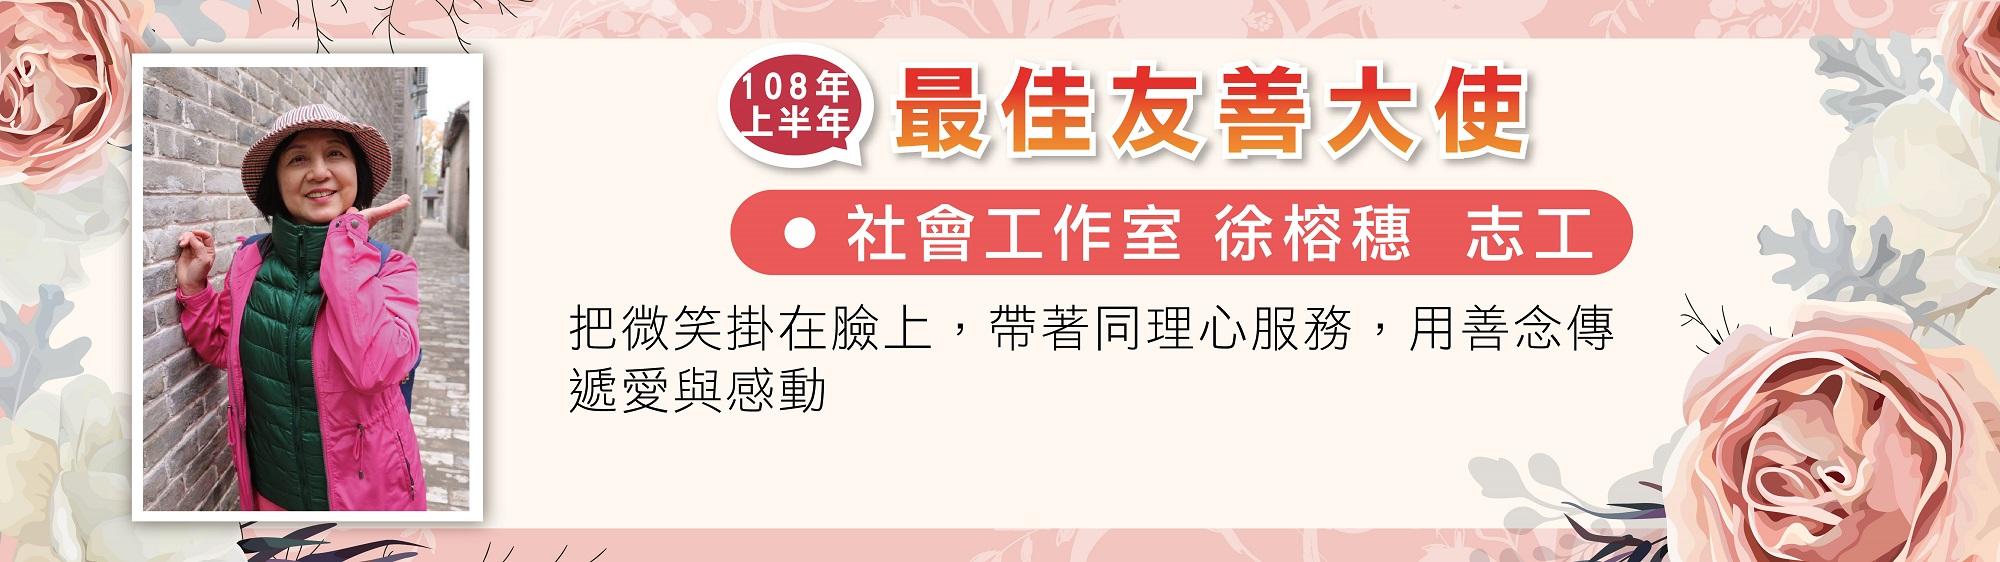 108上最佳友善大使-徐榕穗